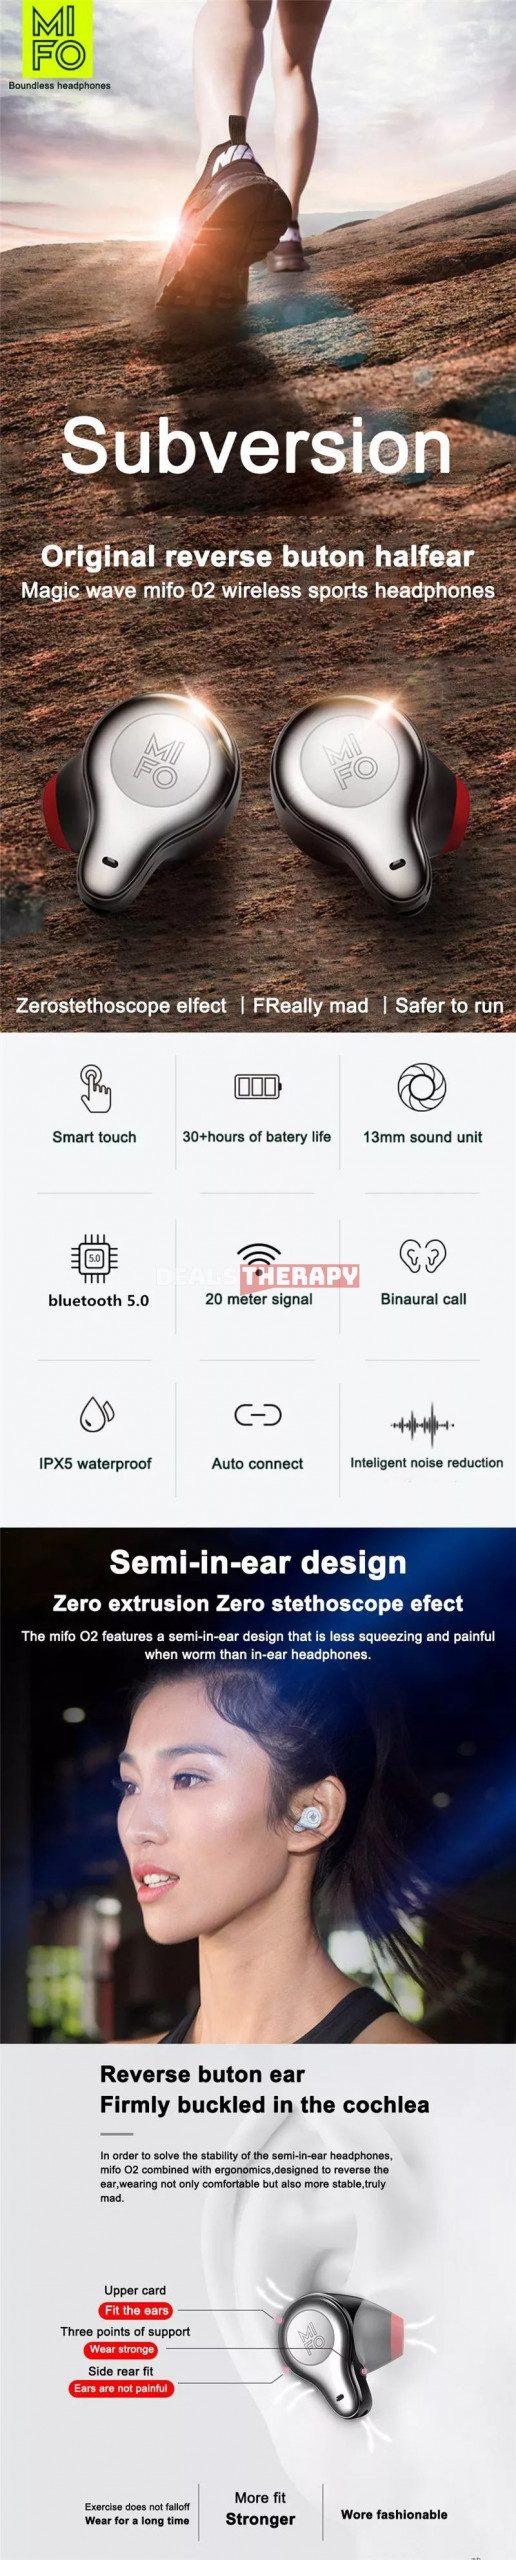 Mifo O2 dealstherapy.com